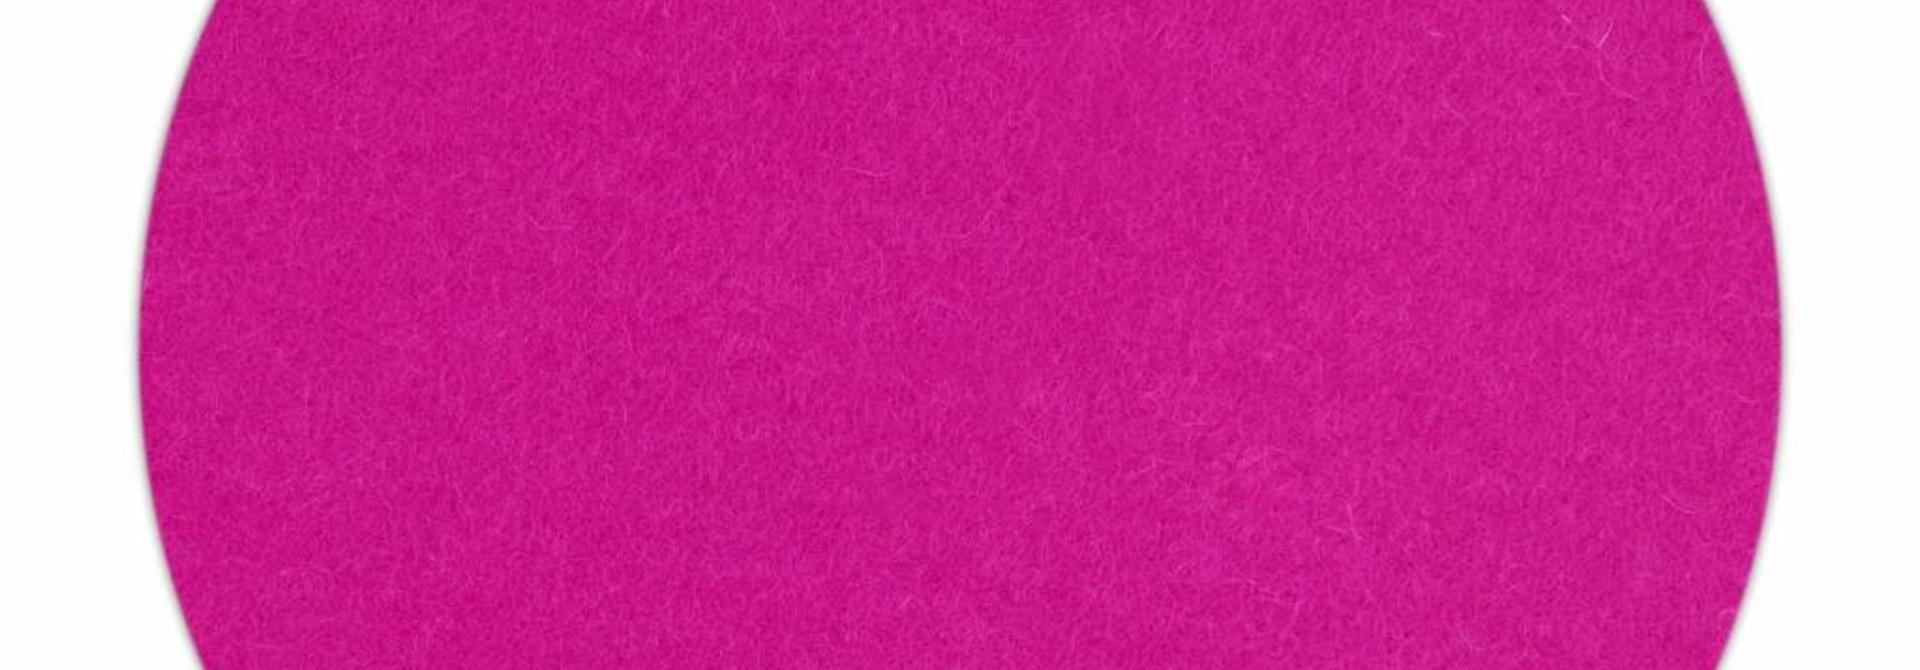 HomePod Filz Untersetzer Pink